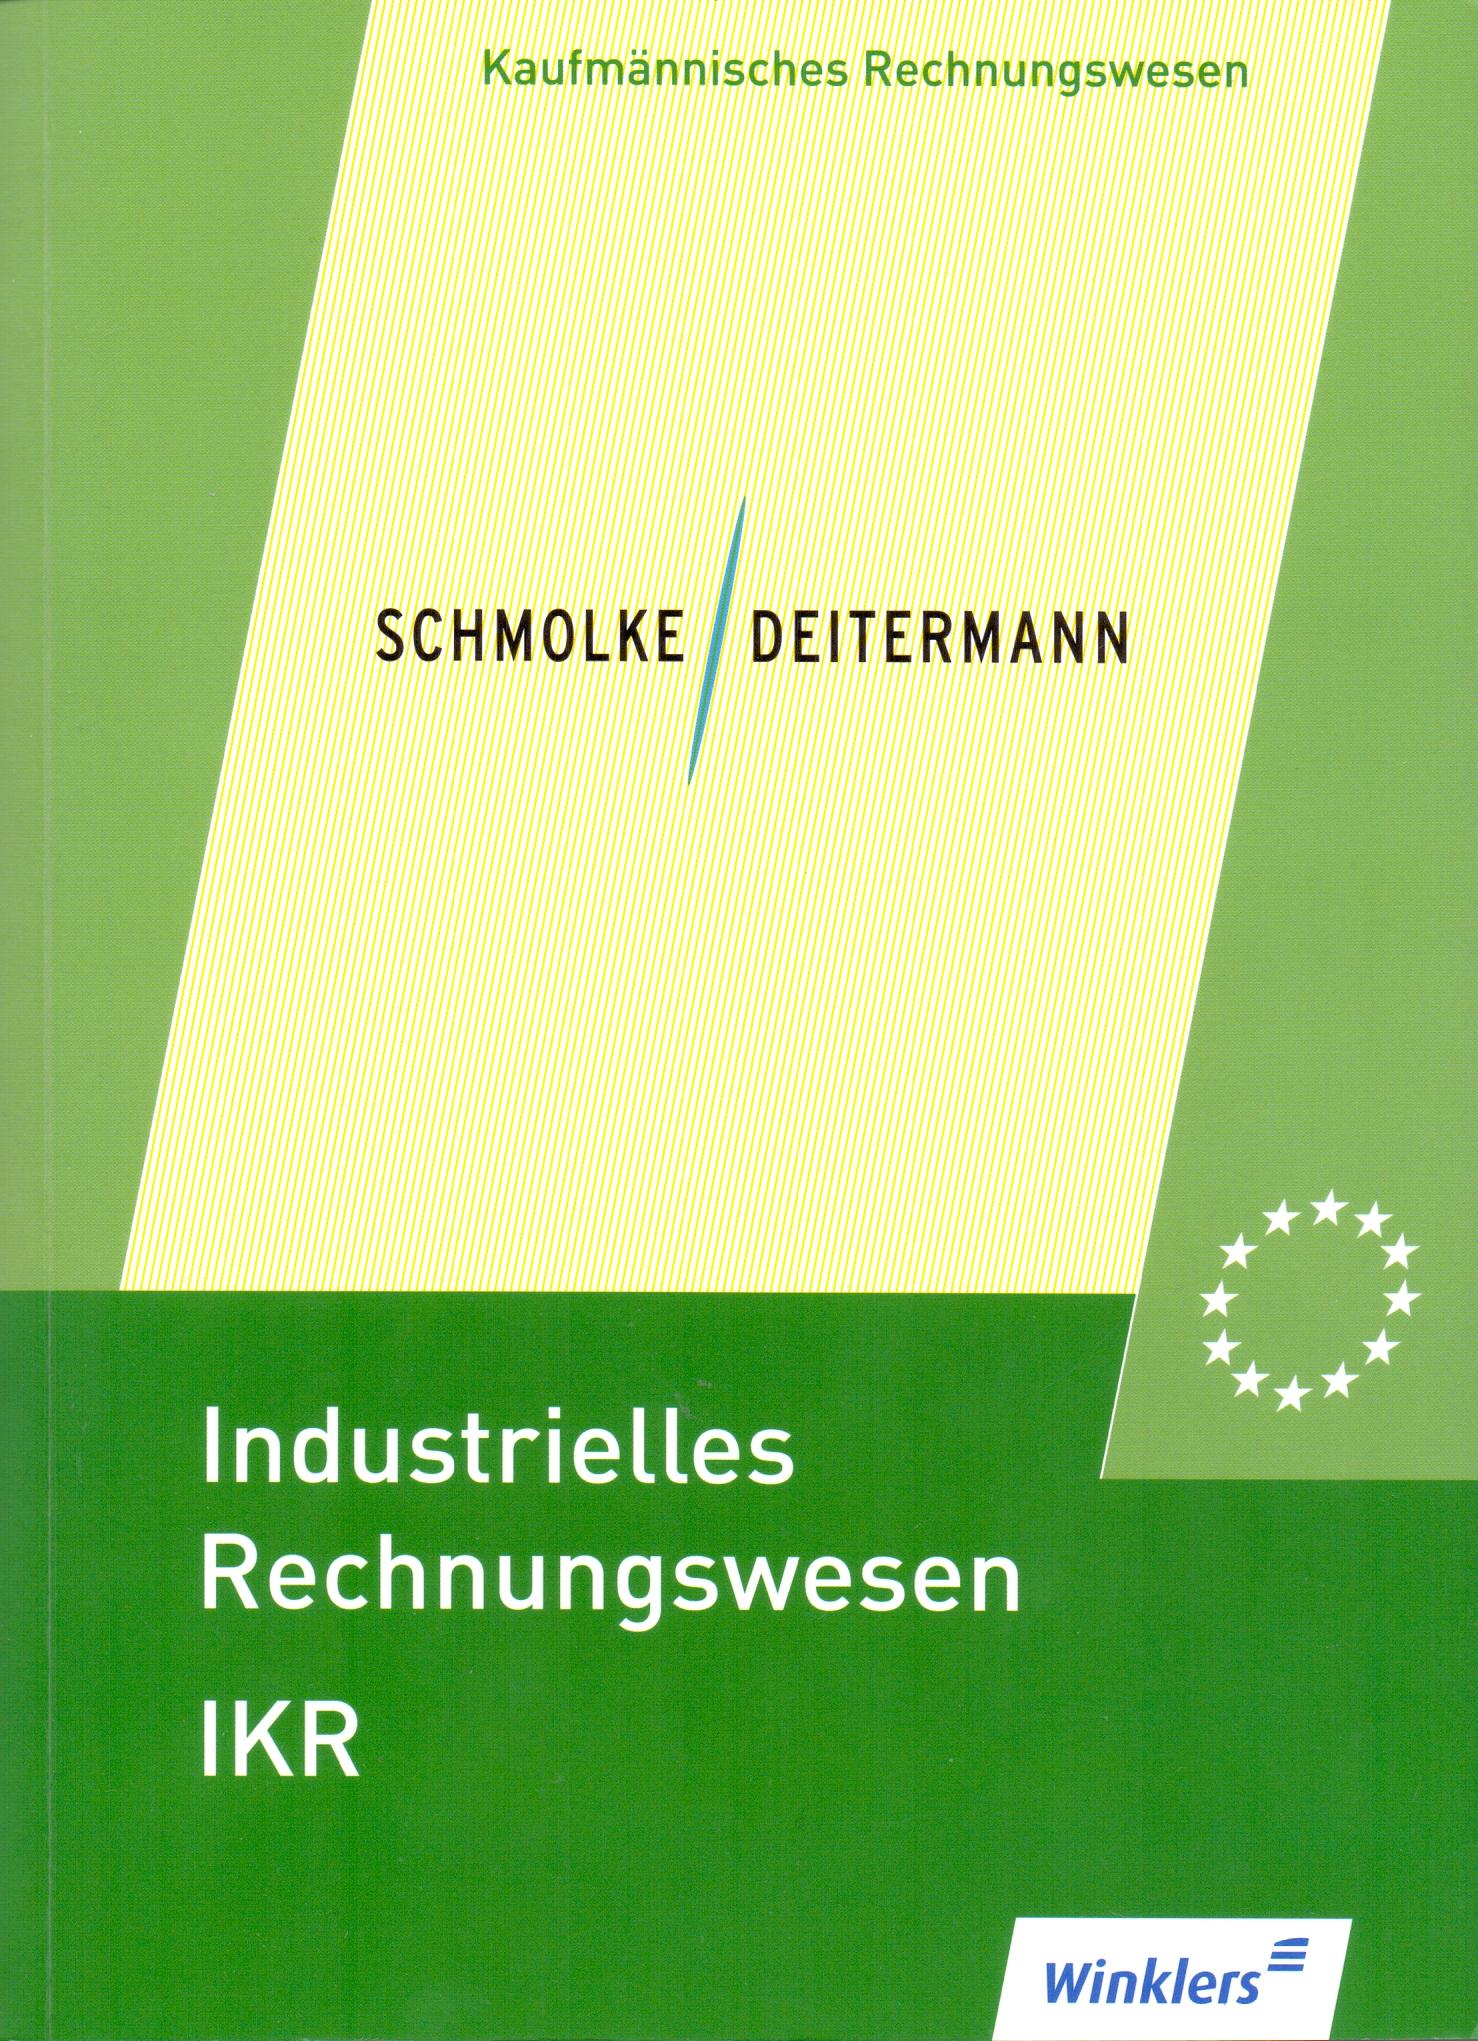 Industrielles Rechnungswesen - IKR: Finanzbuchhaltung - Einführung und Praxis - Manfred Deitermann [Broschiert, 43. Aufl